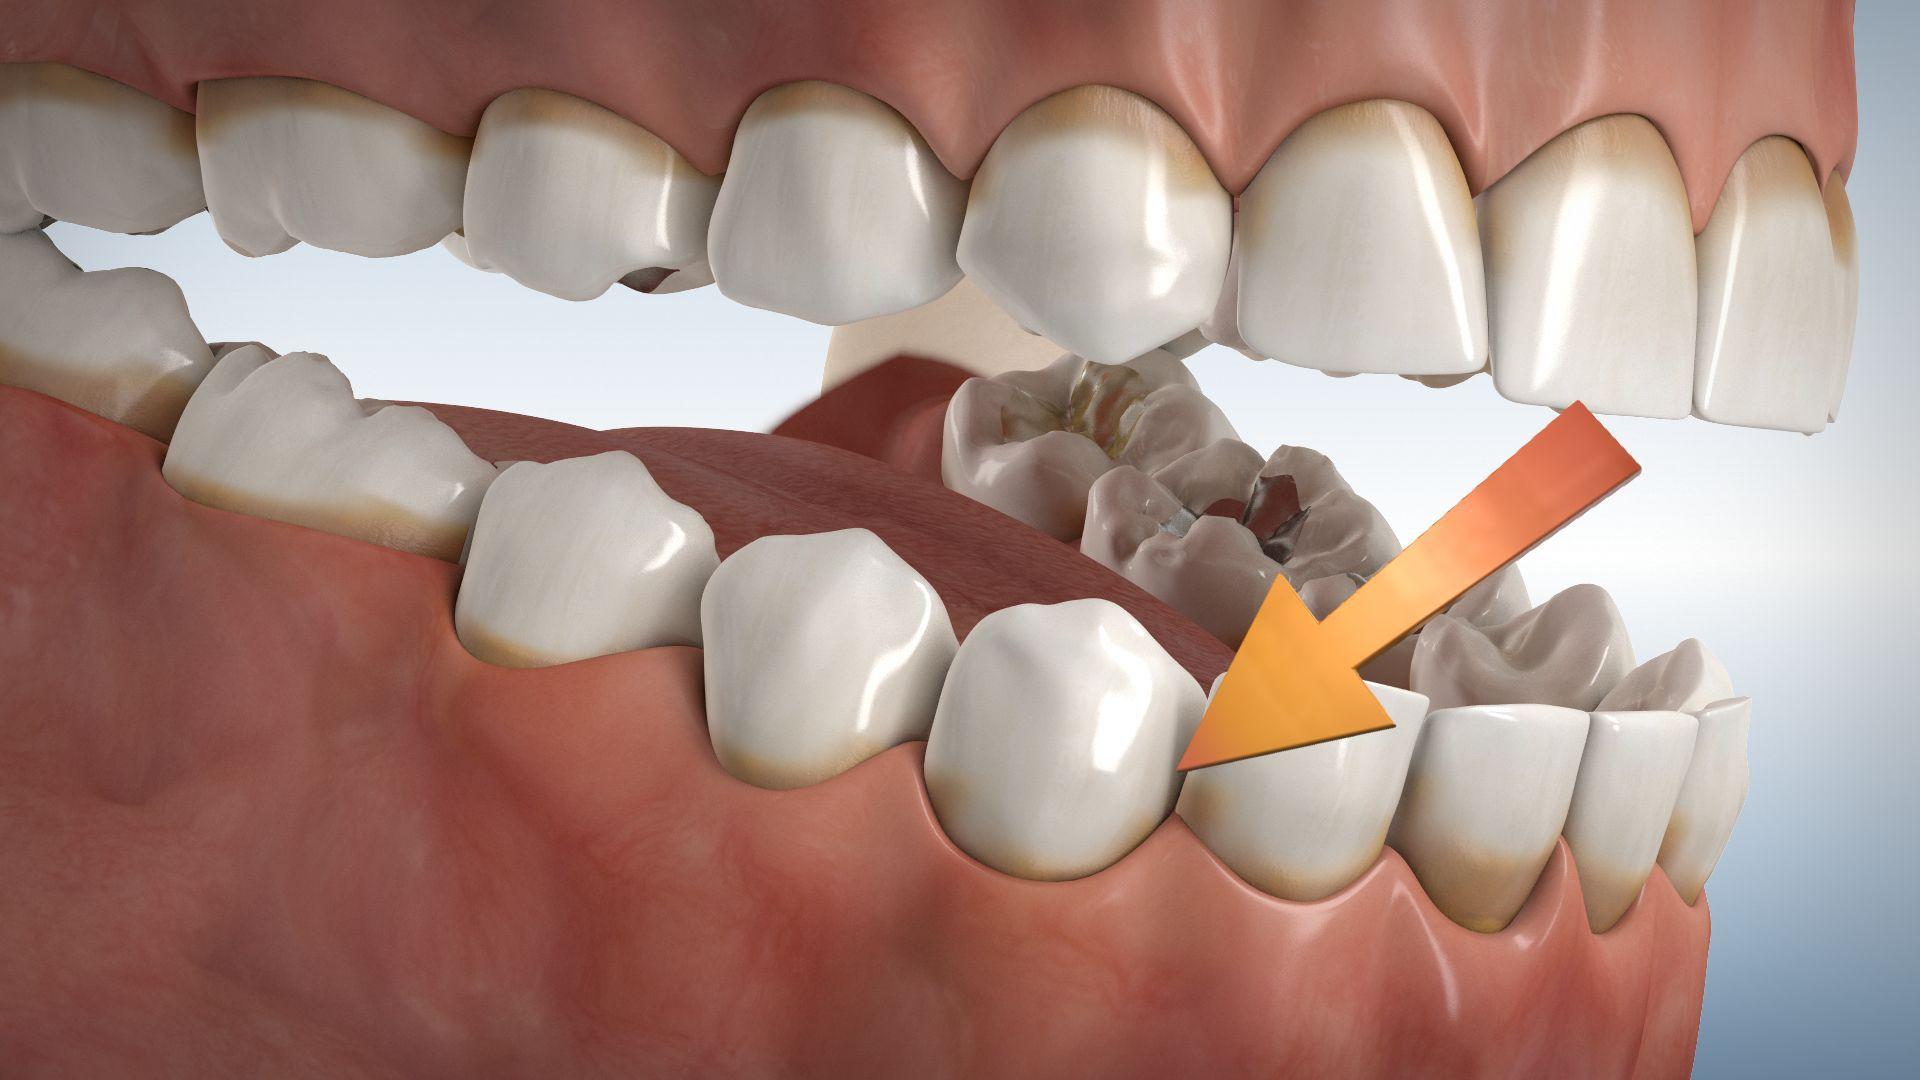 ÜProfessionelle Zahnreinigung, Zahnarzt Dr. Tabatabaie